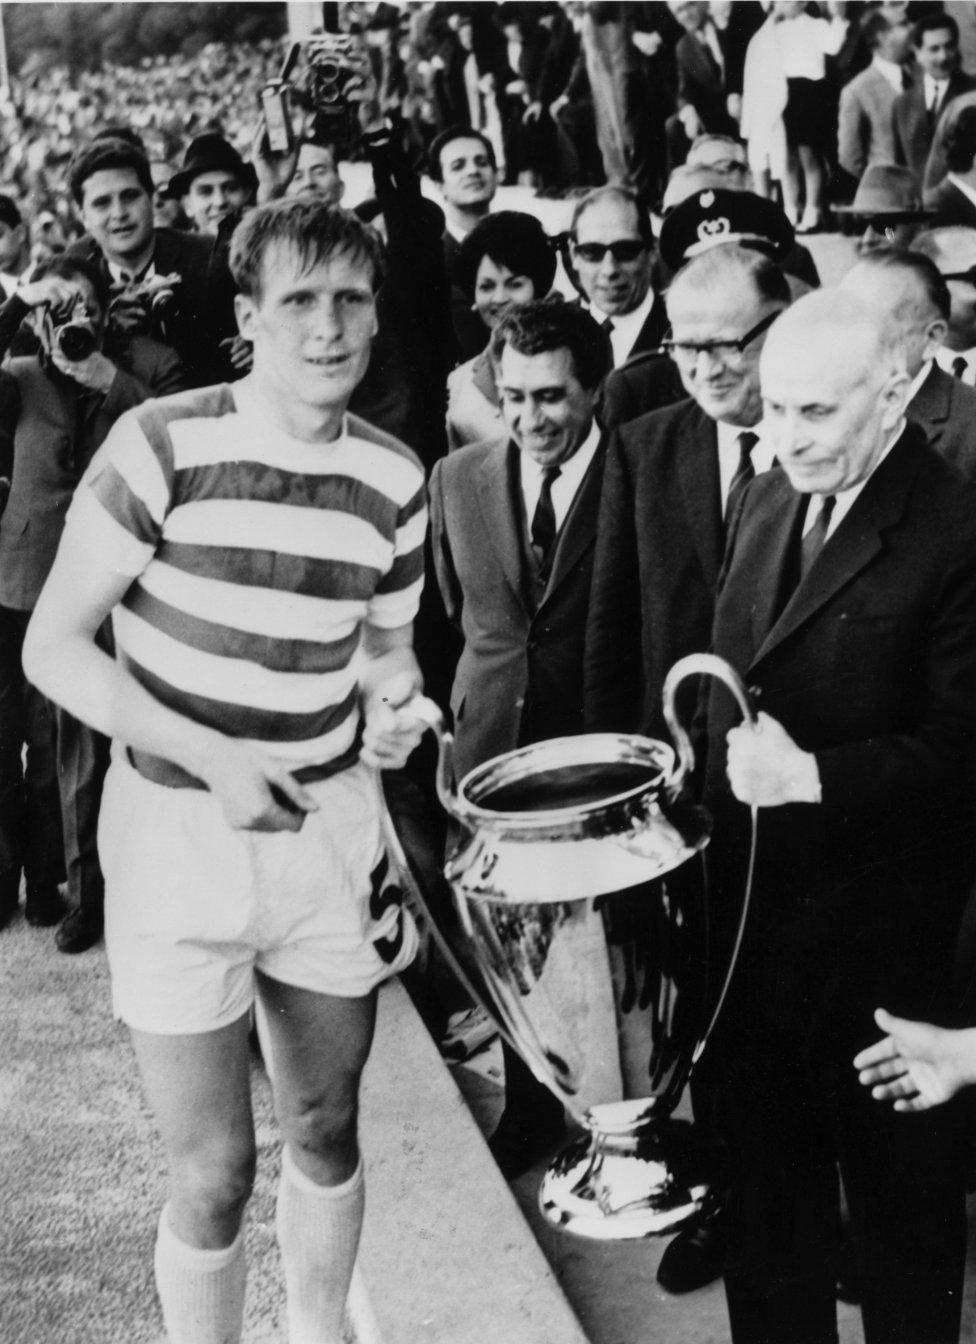 Celtic - campeón 1967  El 30 de mayo de 1967 el Celtic se midió al Inter de Milán en la final de la Copa de Europa en el Estadio Nacional de Lisboa ante 56.000 espectadores. El equipo escocés ganó al italiano por 2-1 con goles de Gemmell y Chalmers, Mazzola marcó el gol de los milaneses.